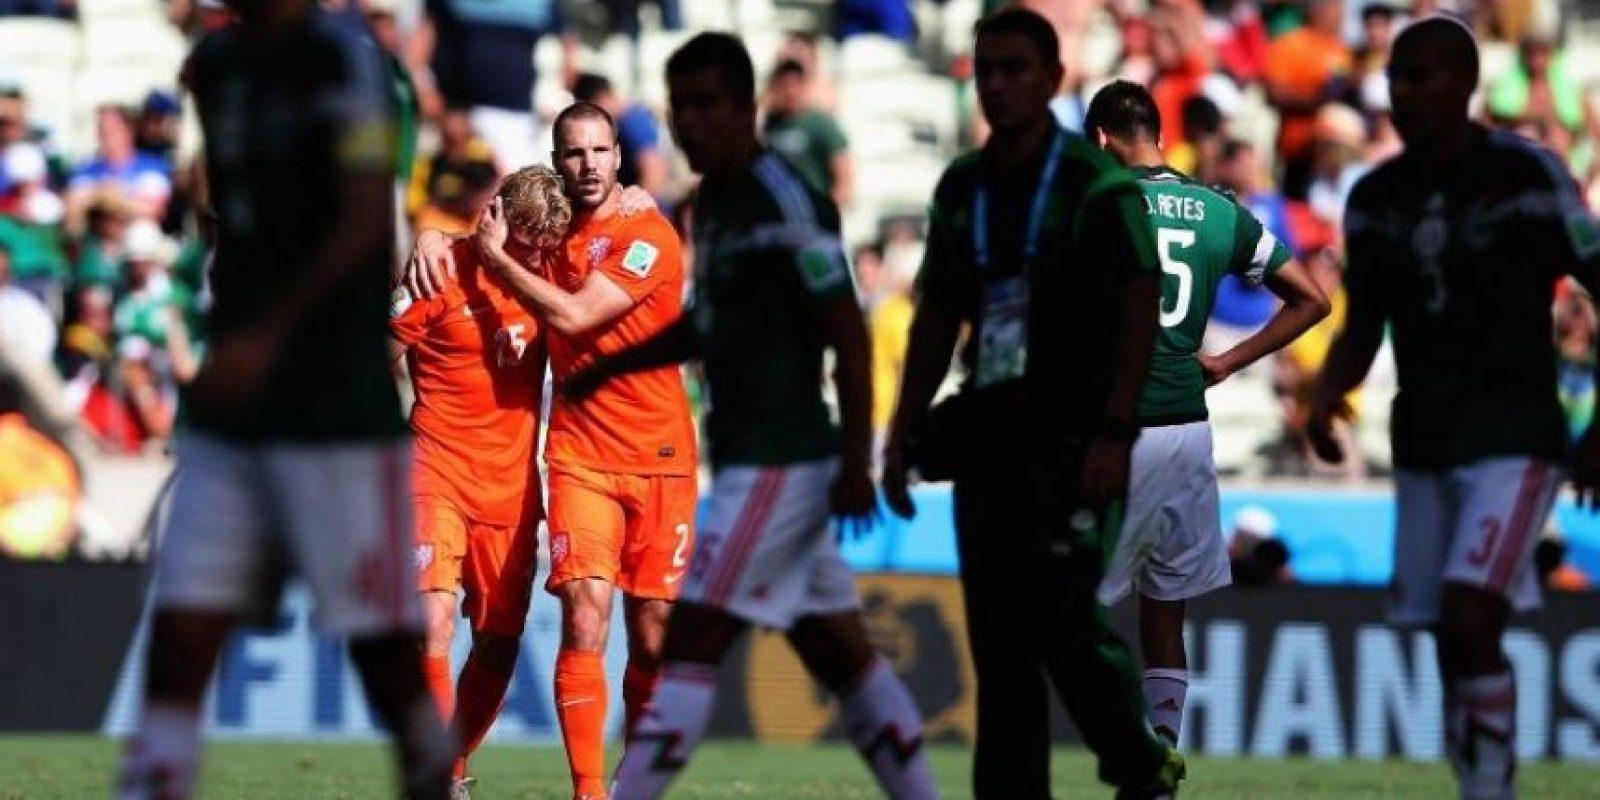 """Pero el """"sueño"""" se les acabó pronto a los mexicanos. Al 88', Wesley Sneijder empató el encuentro y al 94', Klaas Jam Huntelaar marcó el 2-1 con un polémico penal. Cerca de la línea de meta, Arjen Robben se disponía a centrar cuando Rafa Márquez llegó a quitarle la pelota y tras un leve contacto de sus zapatos, el holandés """"voló"""" y la pena máxima fue cobrada. Foto:Getty Images"""